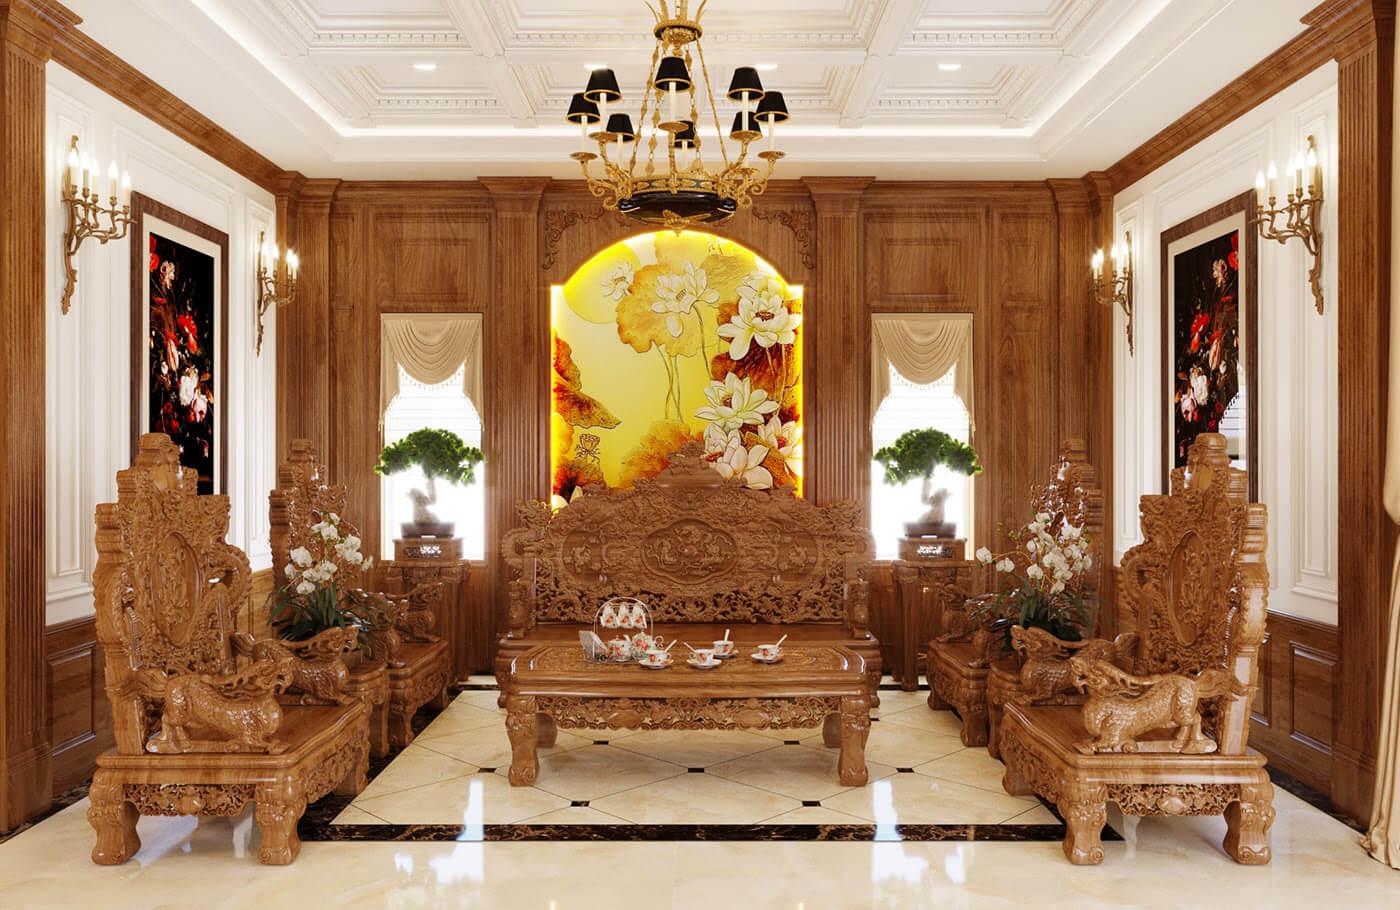 biệt thự kiểu cổ điển 5 tầng phòng khách